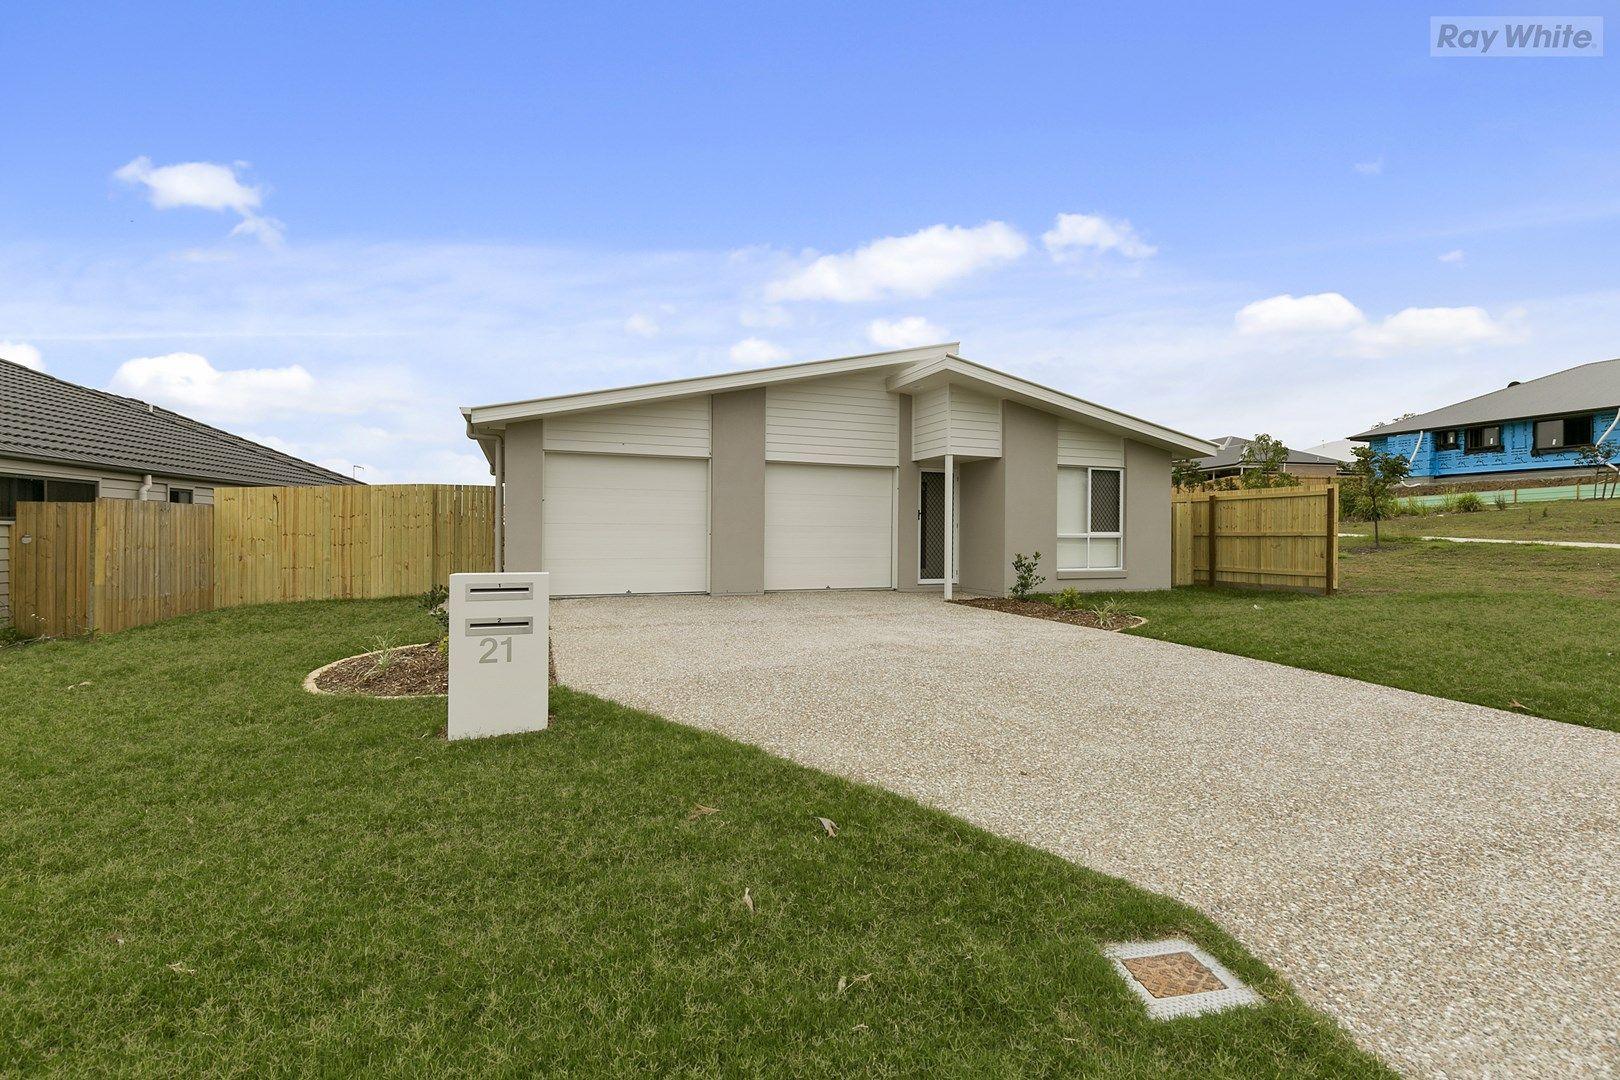 2/21 Juxgold Avenue, Collingwood Park QLD 4301, Image 0